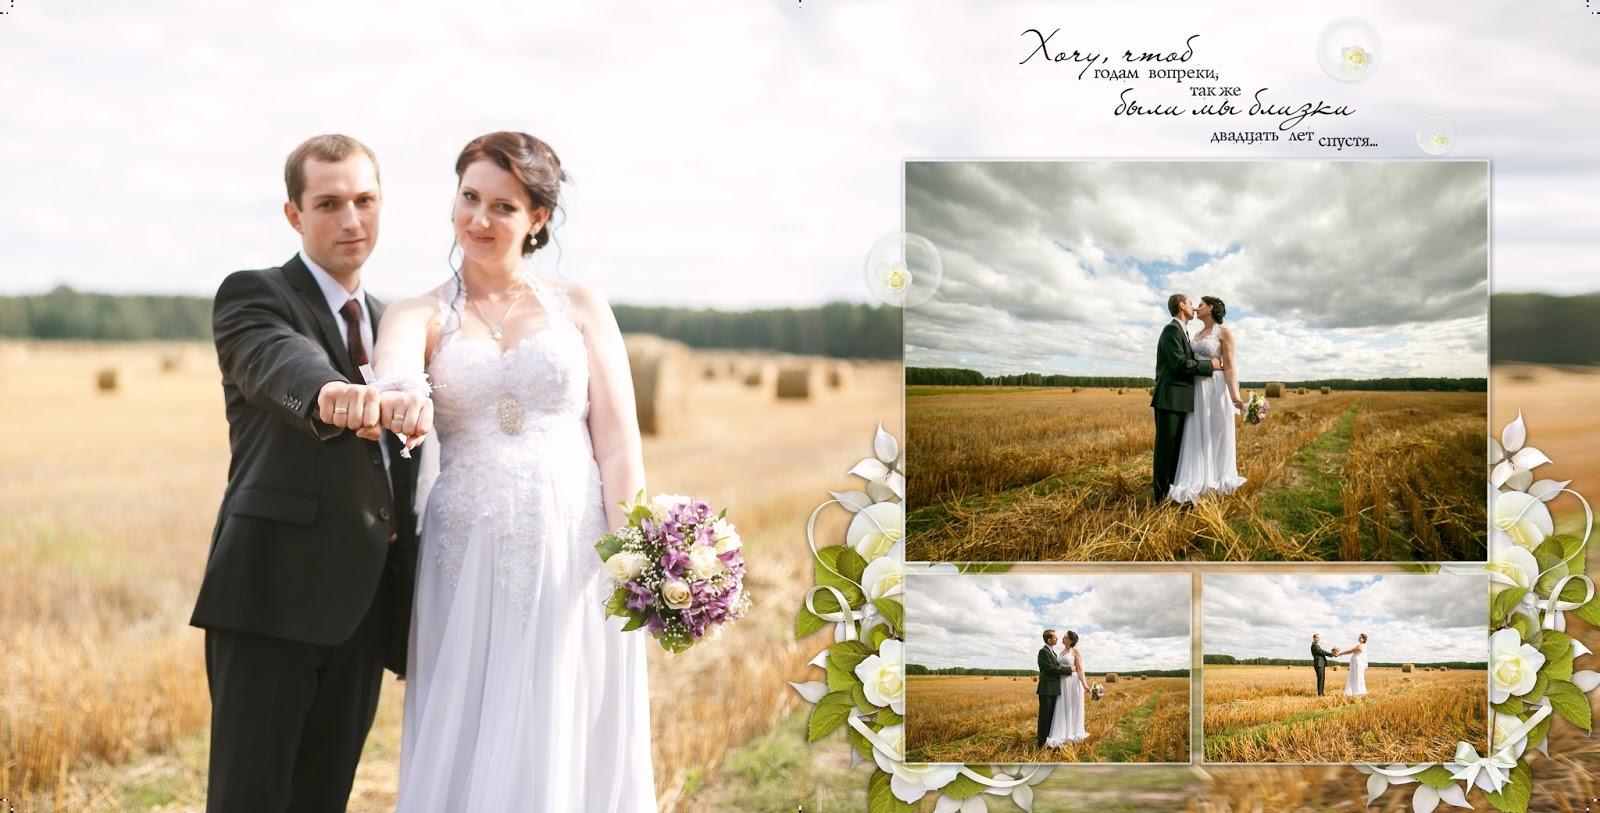 Комментарии к фото своей свадьбы